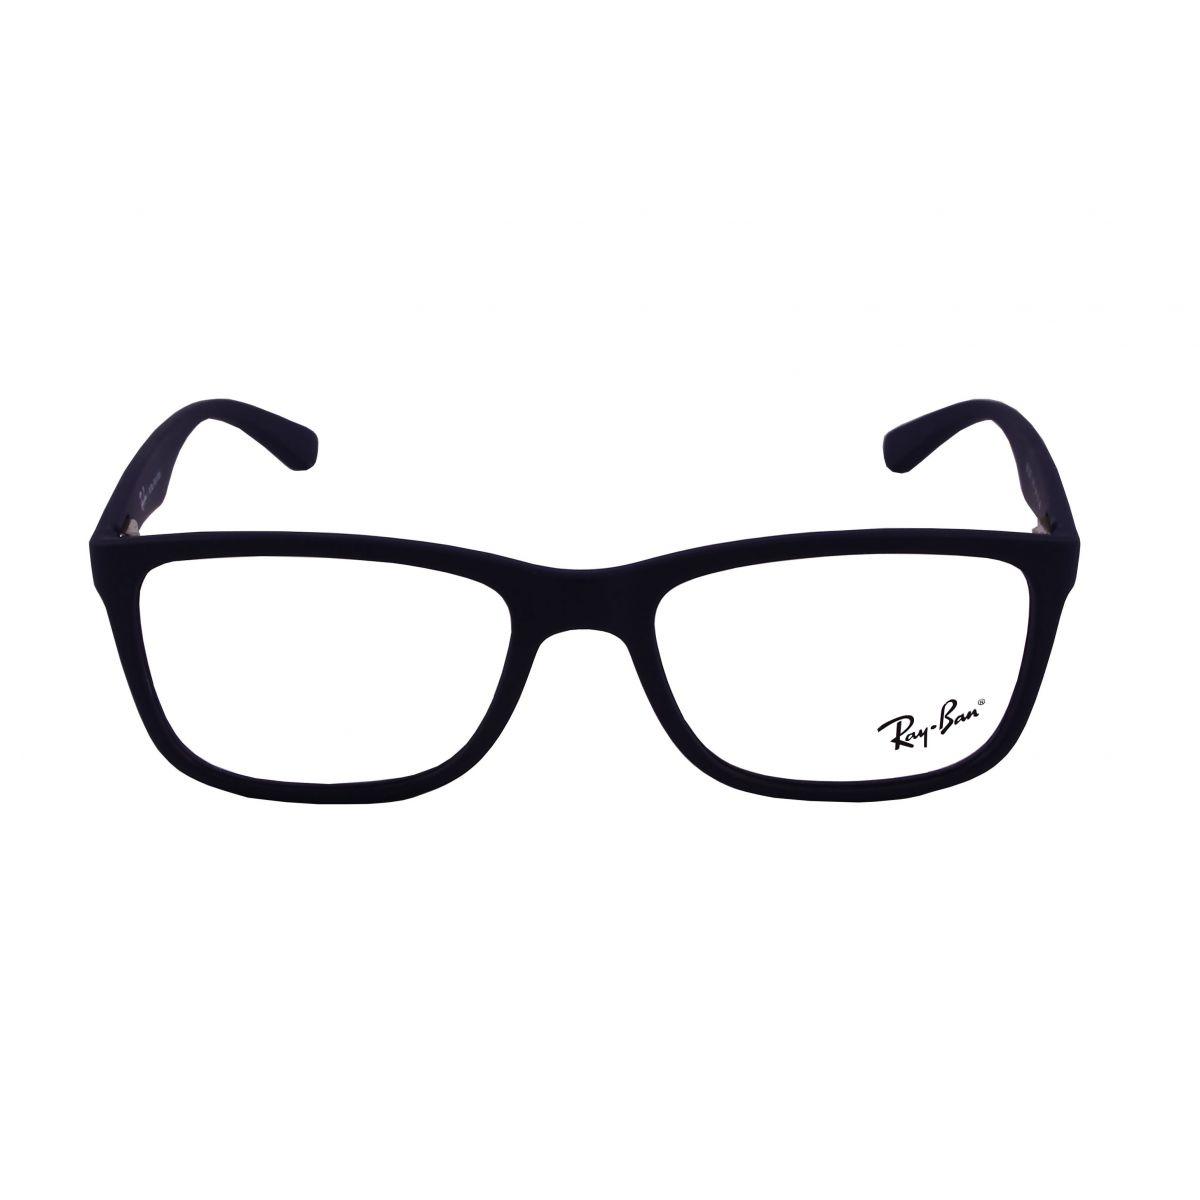 e1c8c4e8ba8ee Óculos De Grau Ray Ban RB7027 5412 Tam.54Ray Ban OriginalRay Ban de  GrauCompra segura